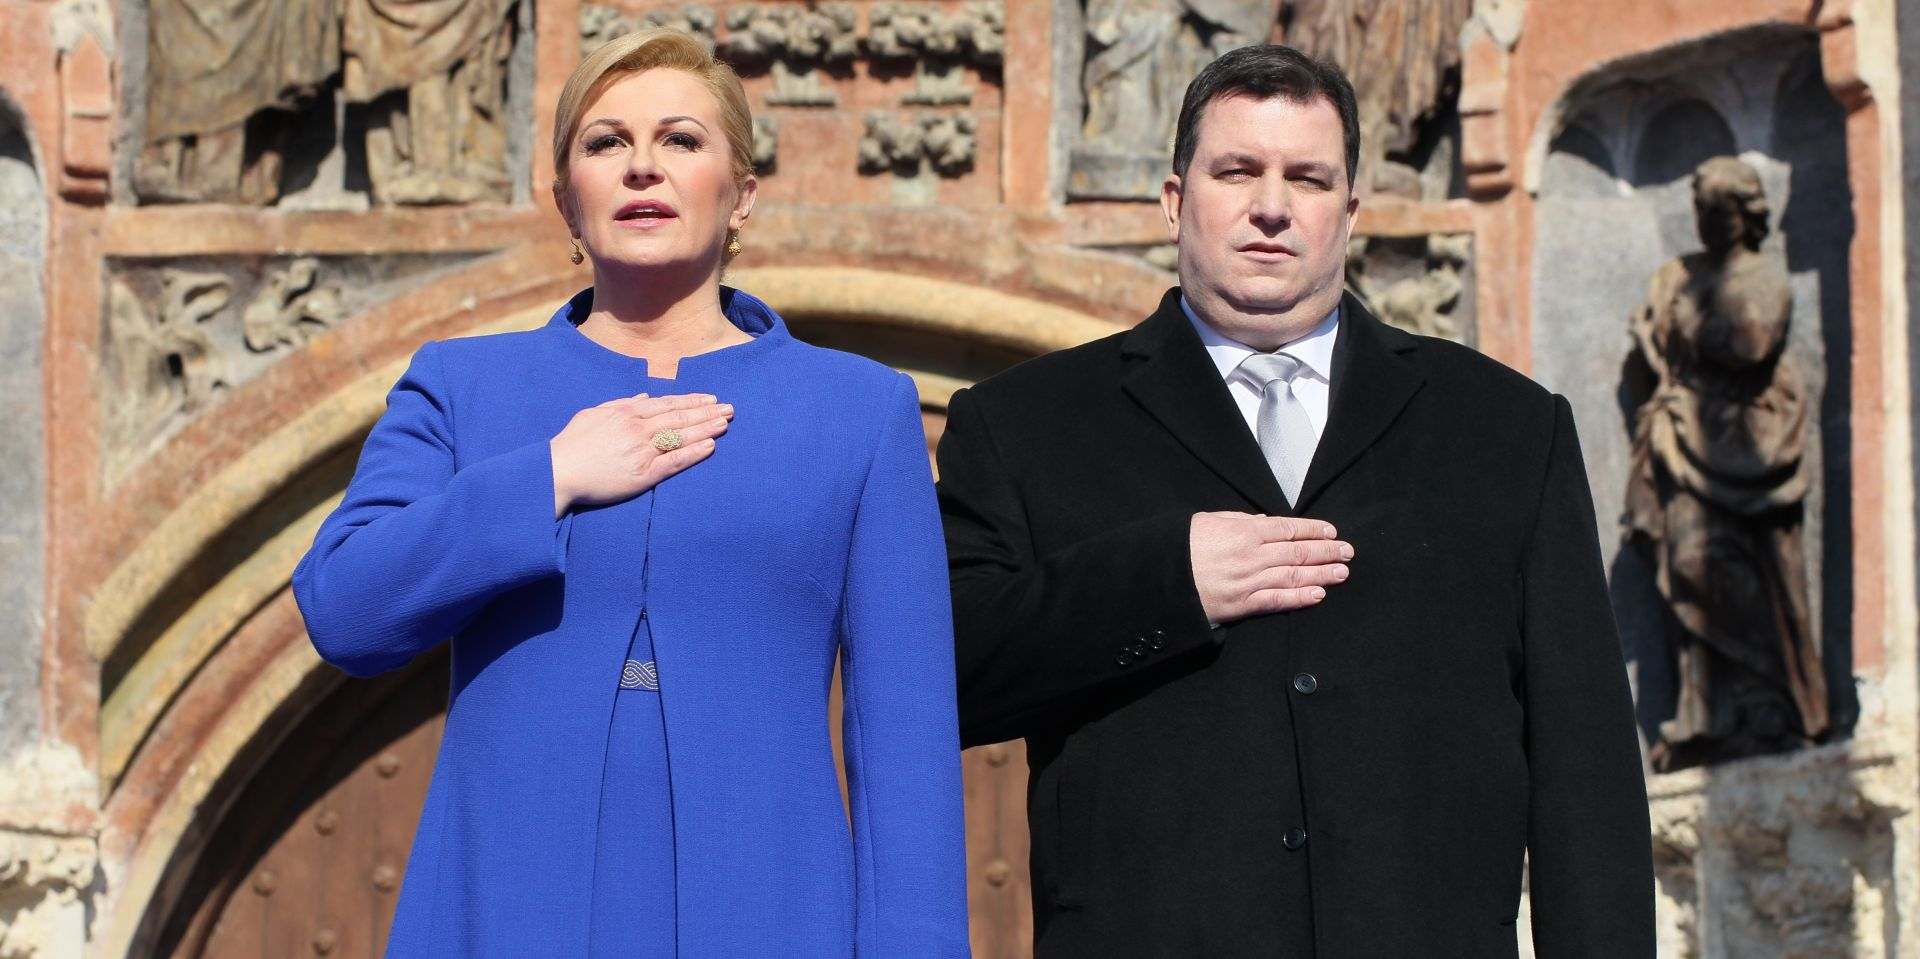 PREDSJEDNICA DRŽAVE SA SVEČANOG KONCERTA PORUČILA 'Vjerujem u te zemljo moja Hrvatska!'